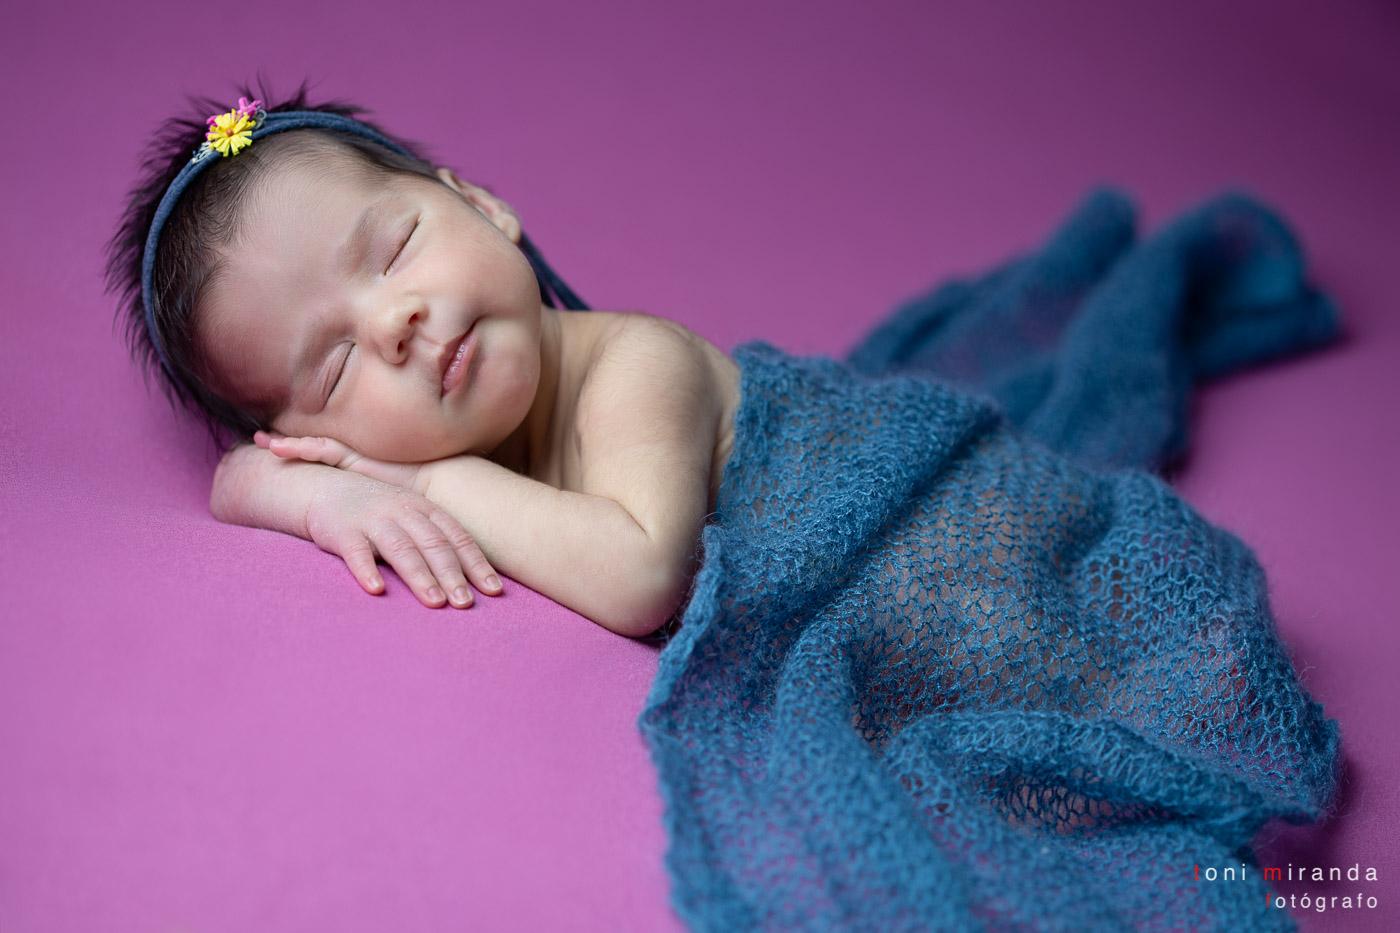 Recien nacida con diadema y manta